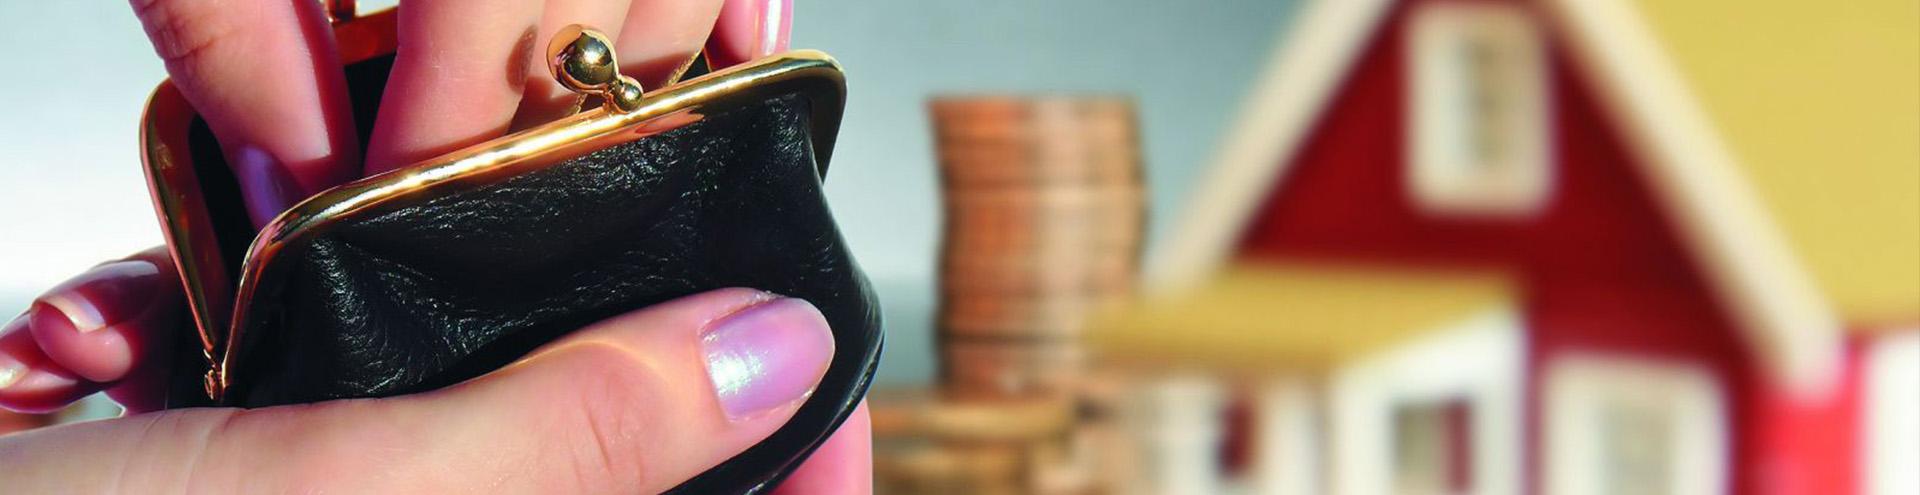 реструктуризация долга при банкротстве физического лица в Самаре